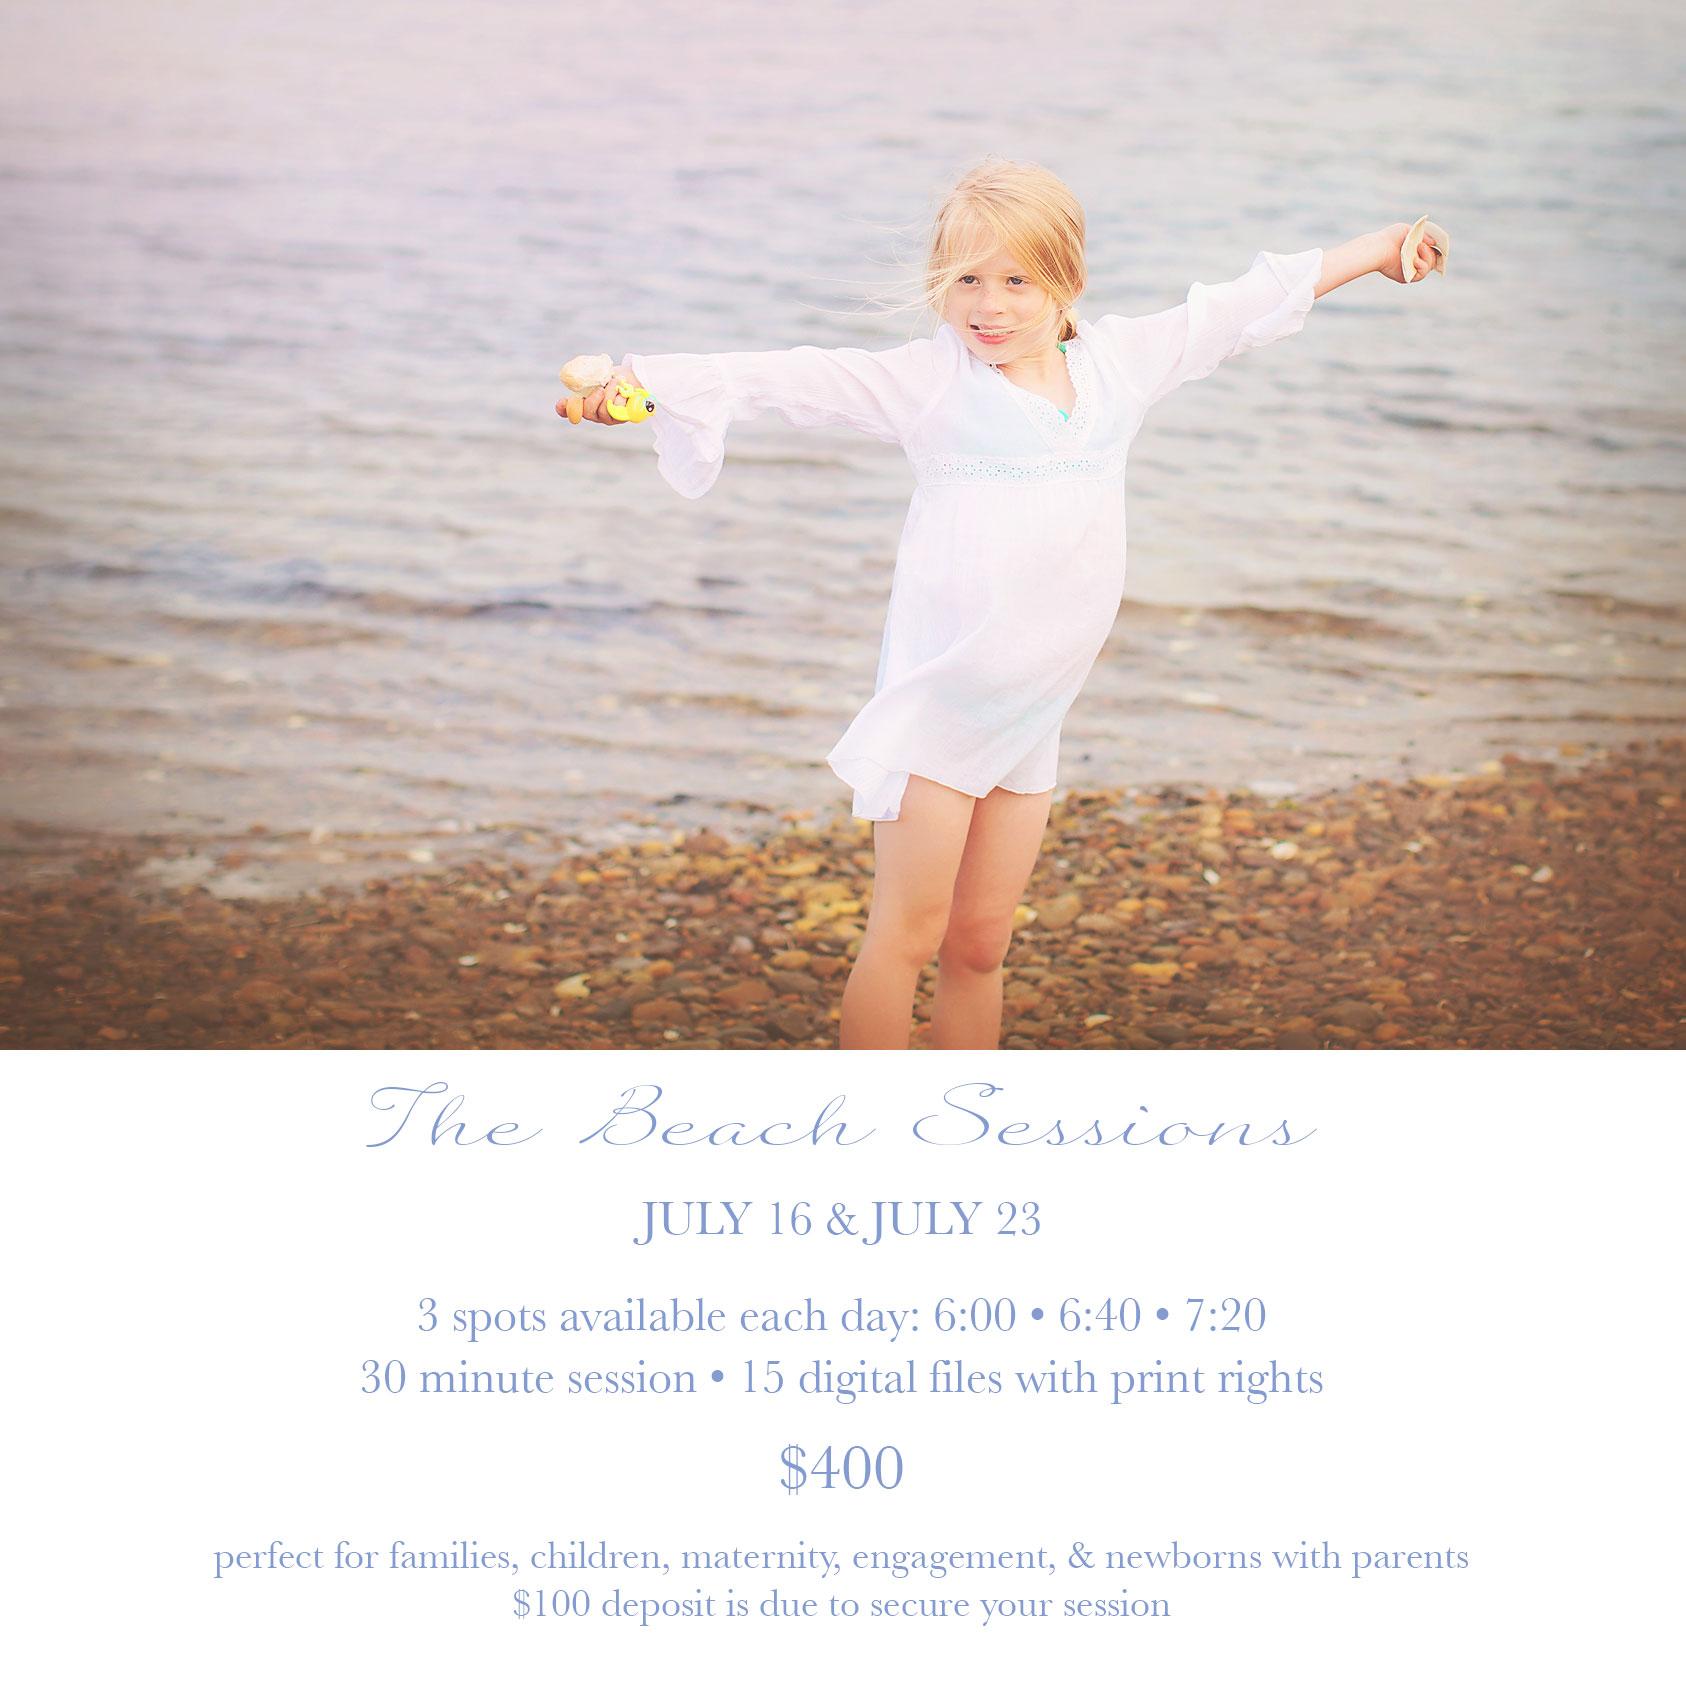 Millbury Massachusetts Child Photographer, Family Baby Beach Photos, Maternity, Newborn, Massachusetts Beach Photographer